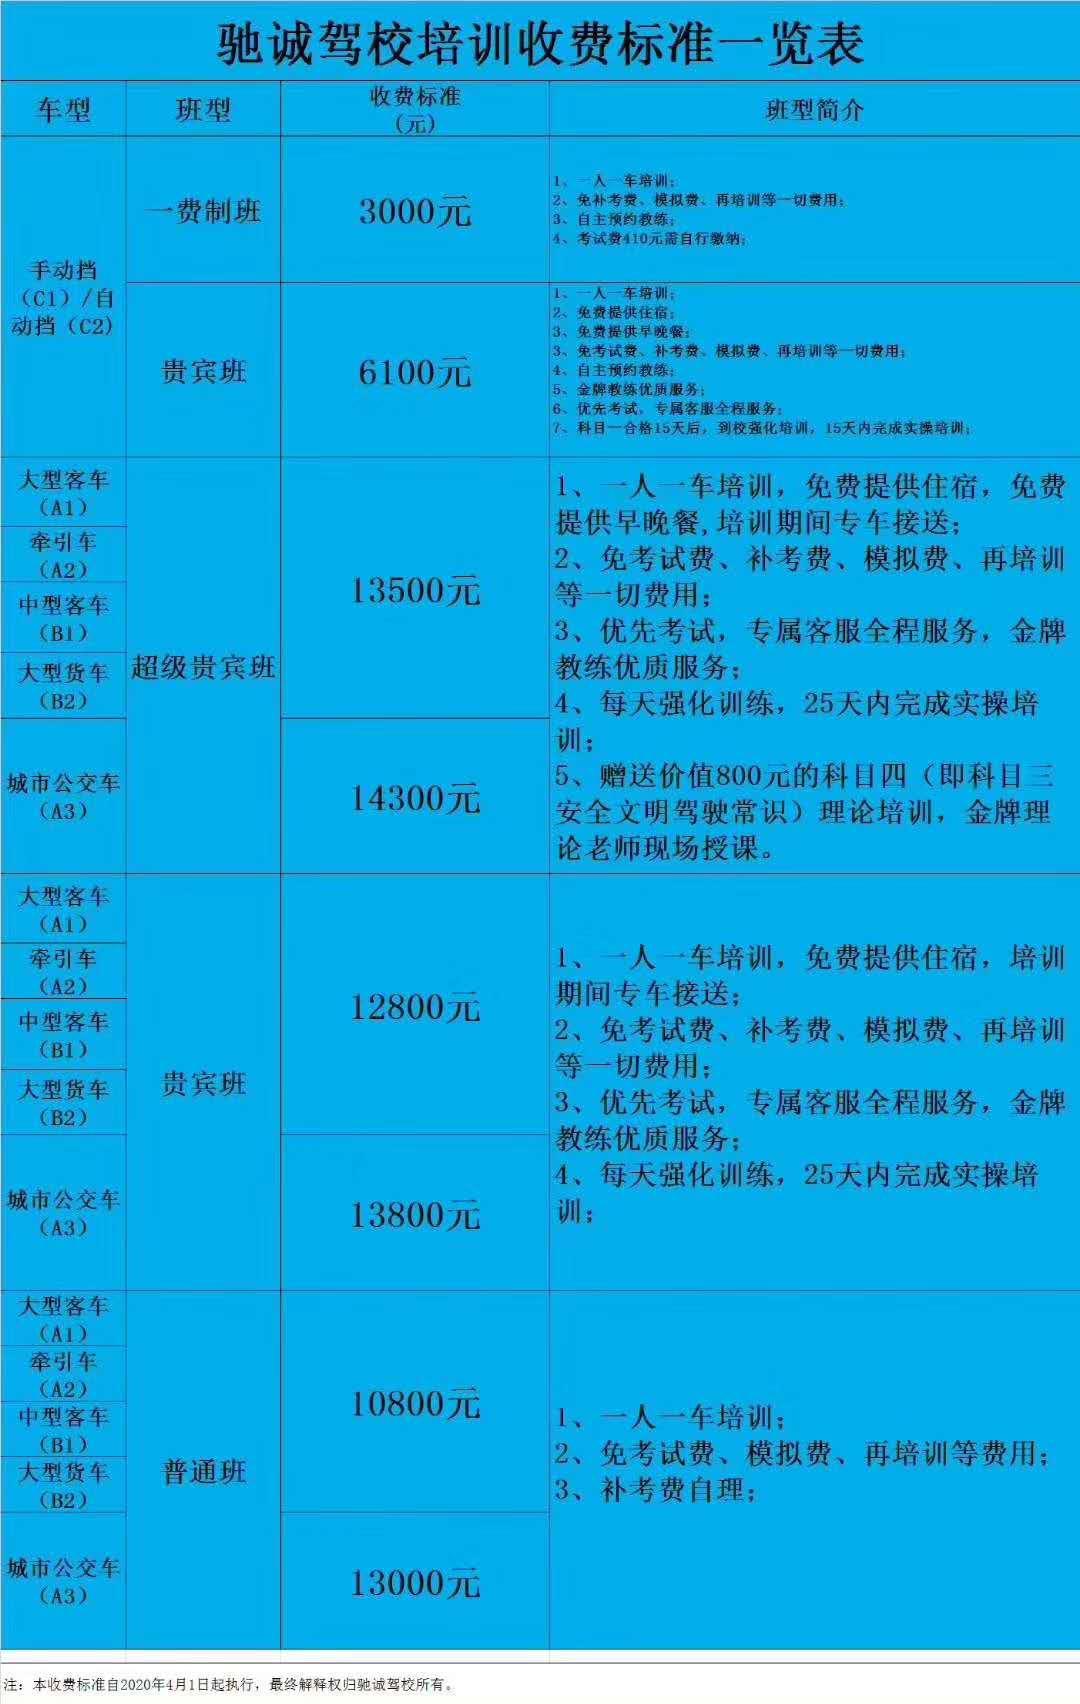 123 - 邓州门户网|邓州网 - 邓州市驰诚驾校